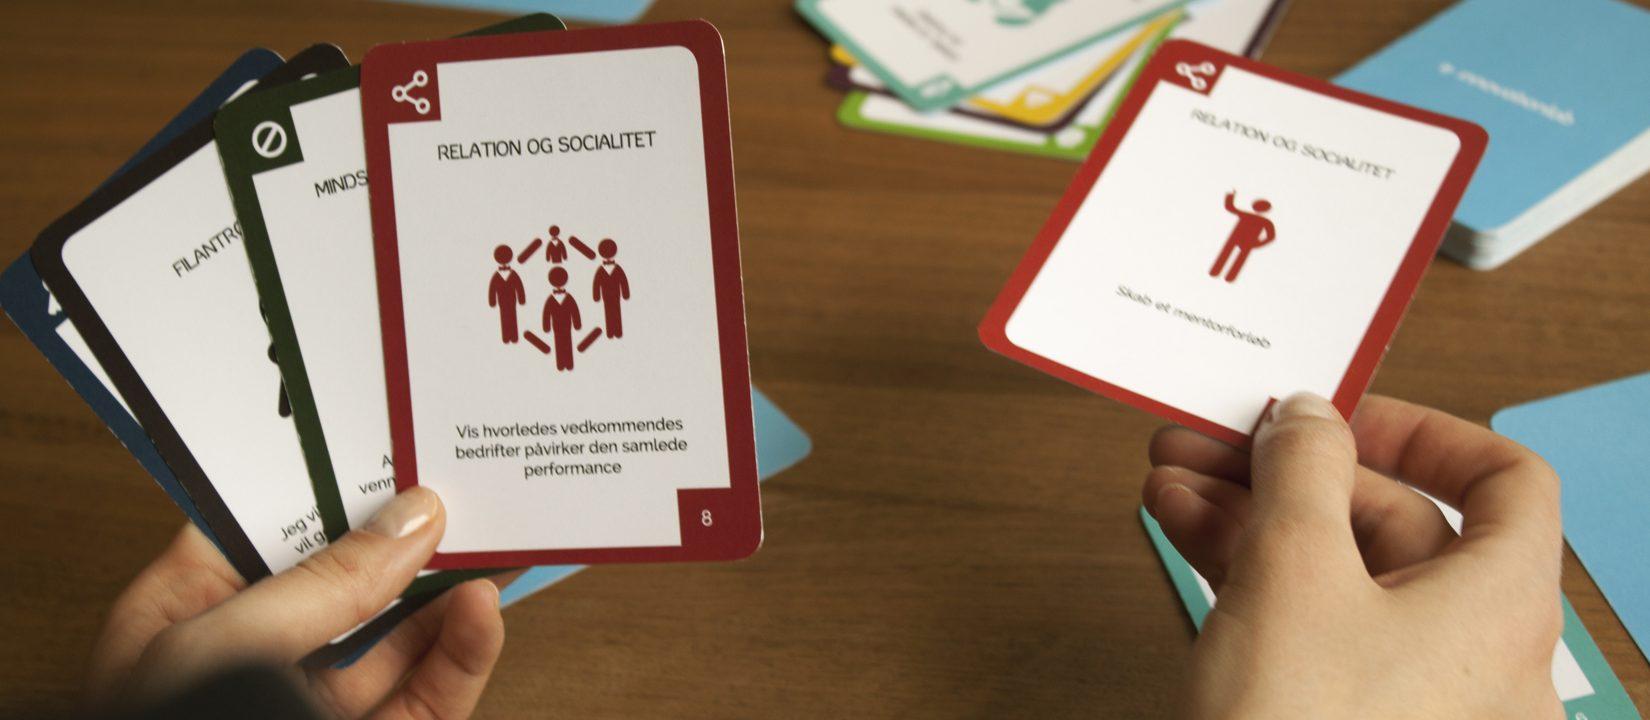 gamification kort spil workshop hands-on innovation metode professionel facilitering